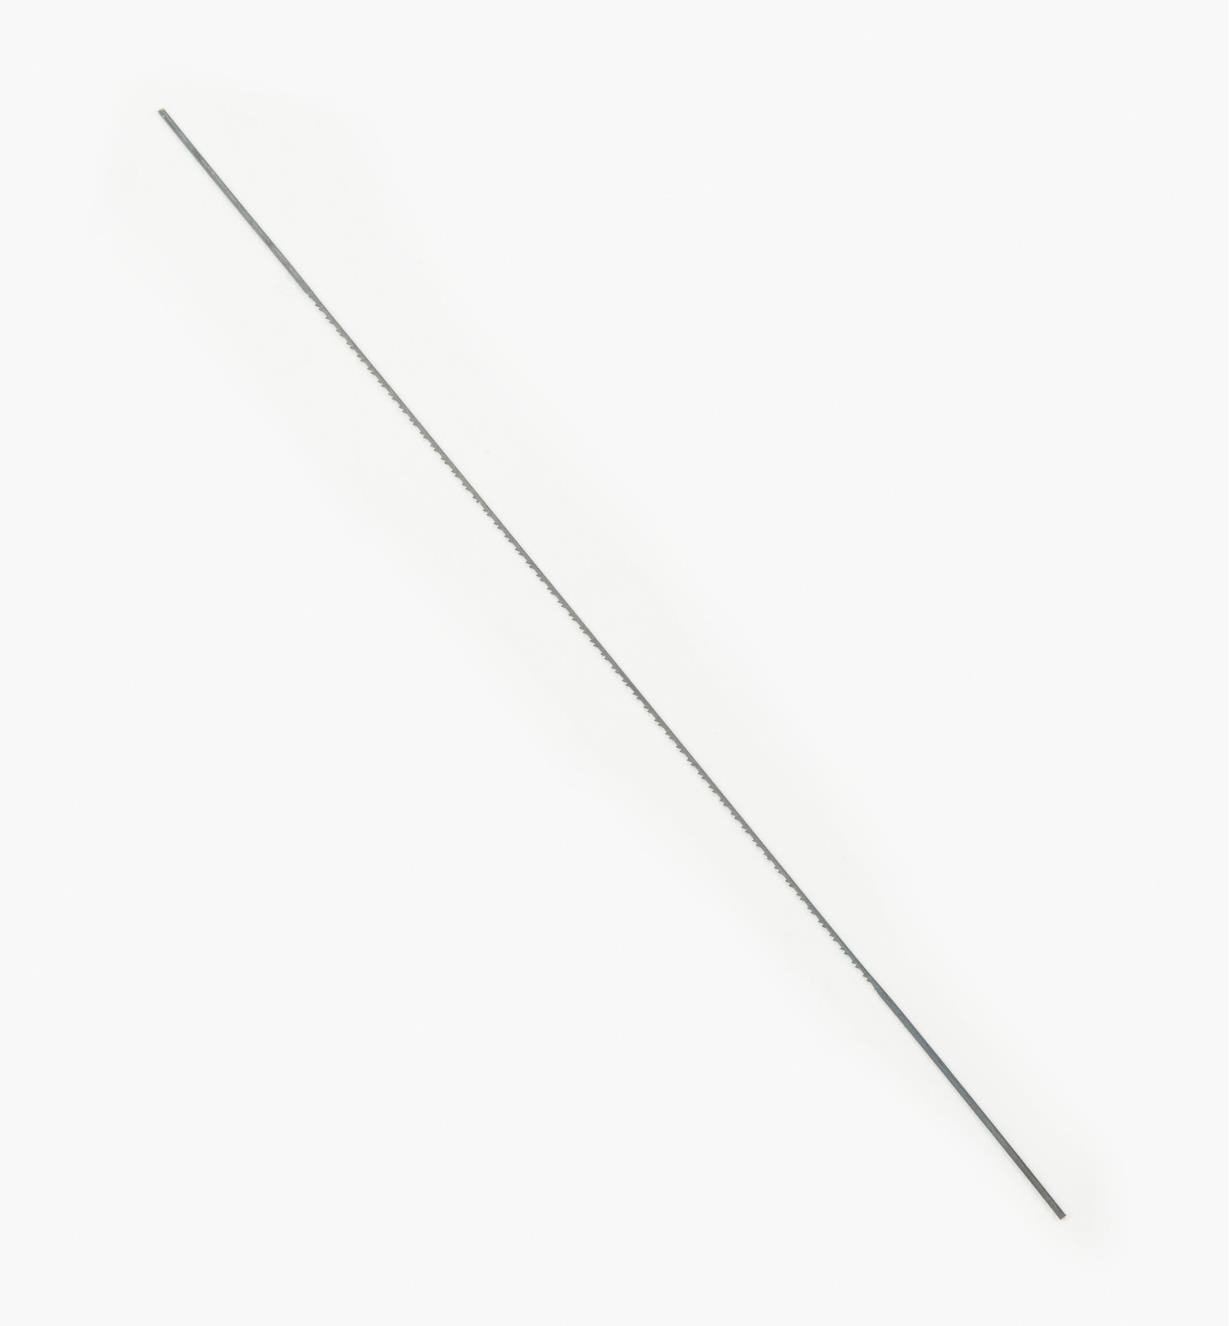 29T0301 - Marquetry Blades, dozen